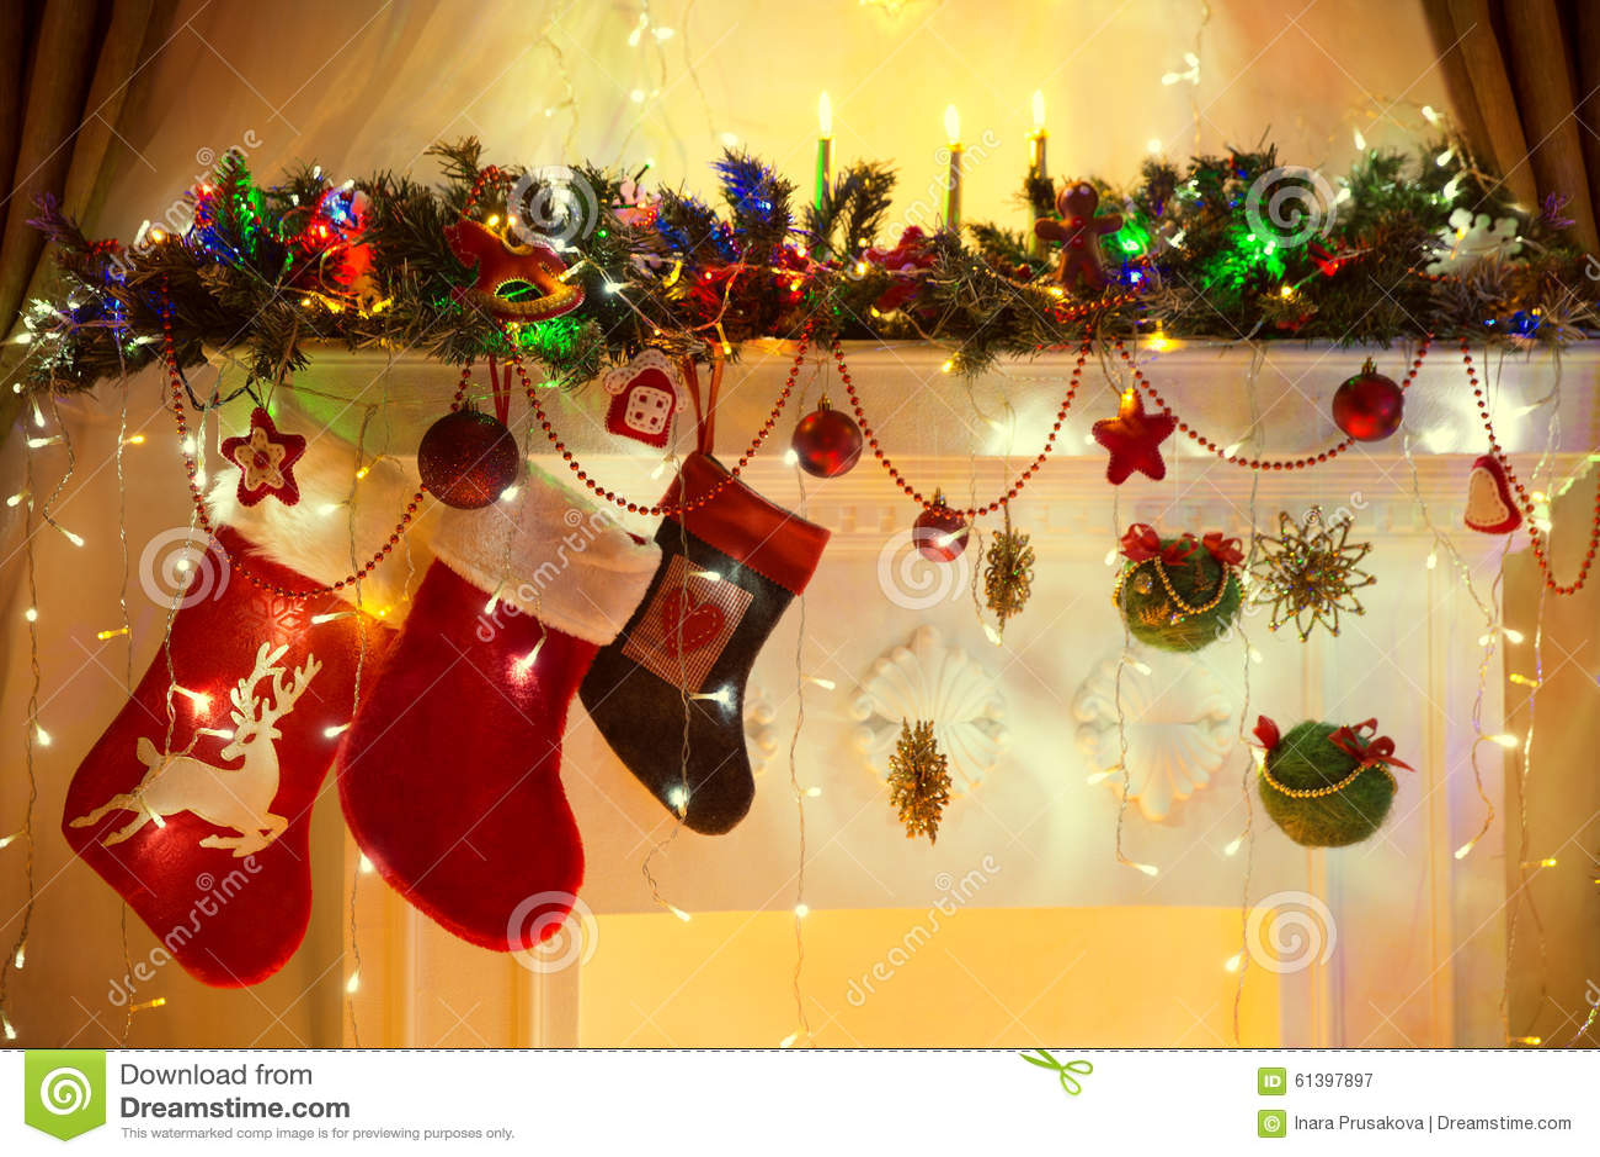 Weihnachtskamin, Familien-hängende Socken, Weihnachten Beleuchtet ...